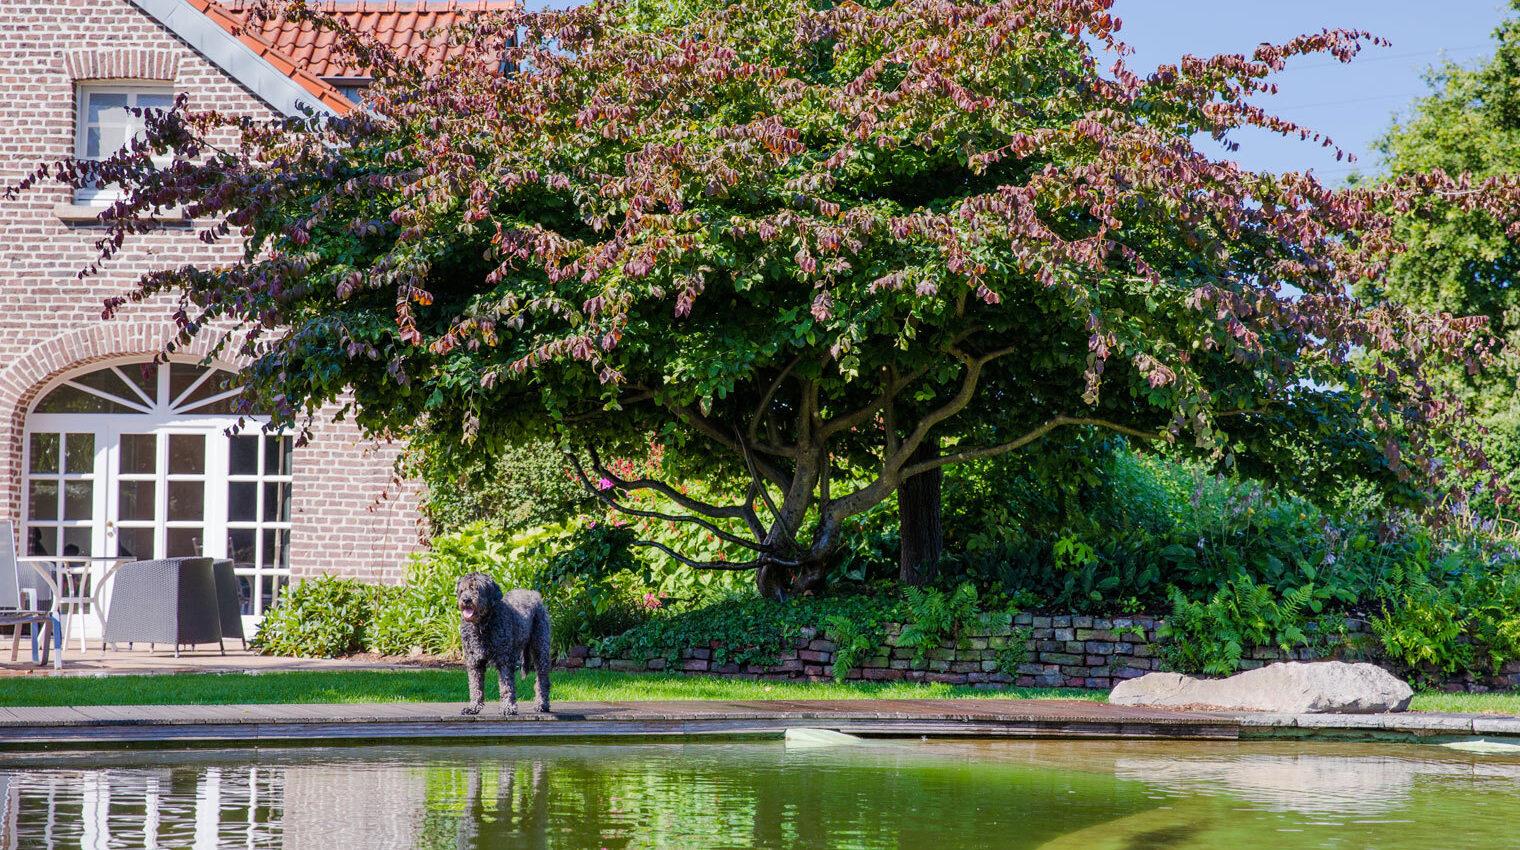 Schwimmteich oder Swimminpool: Hund hinter einem Schwimmteich